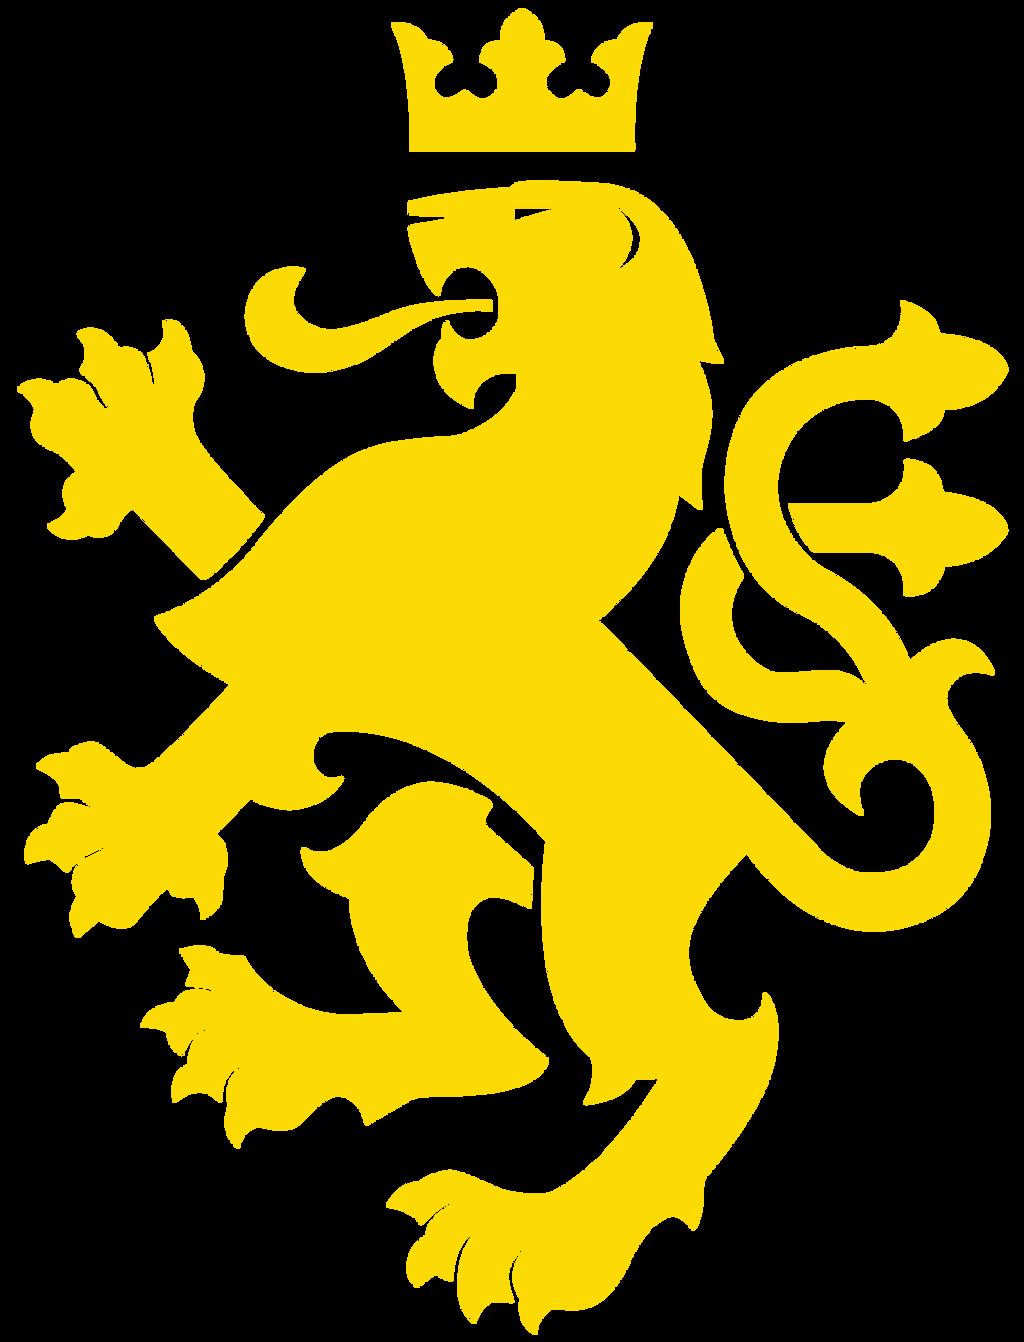 yellow lion logo - photo #11